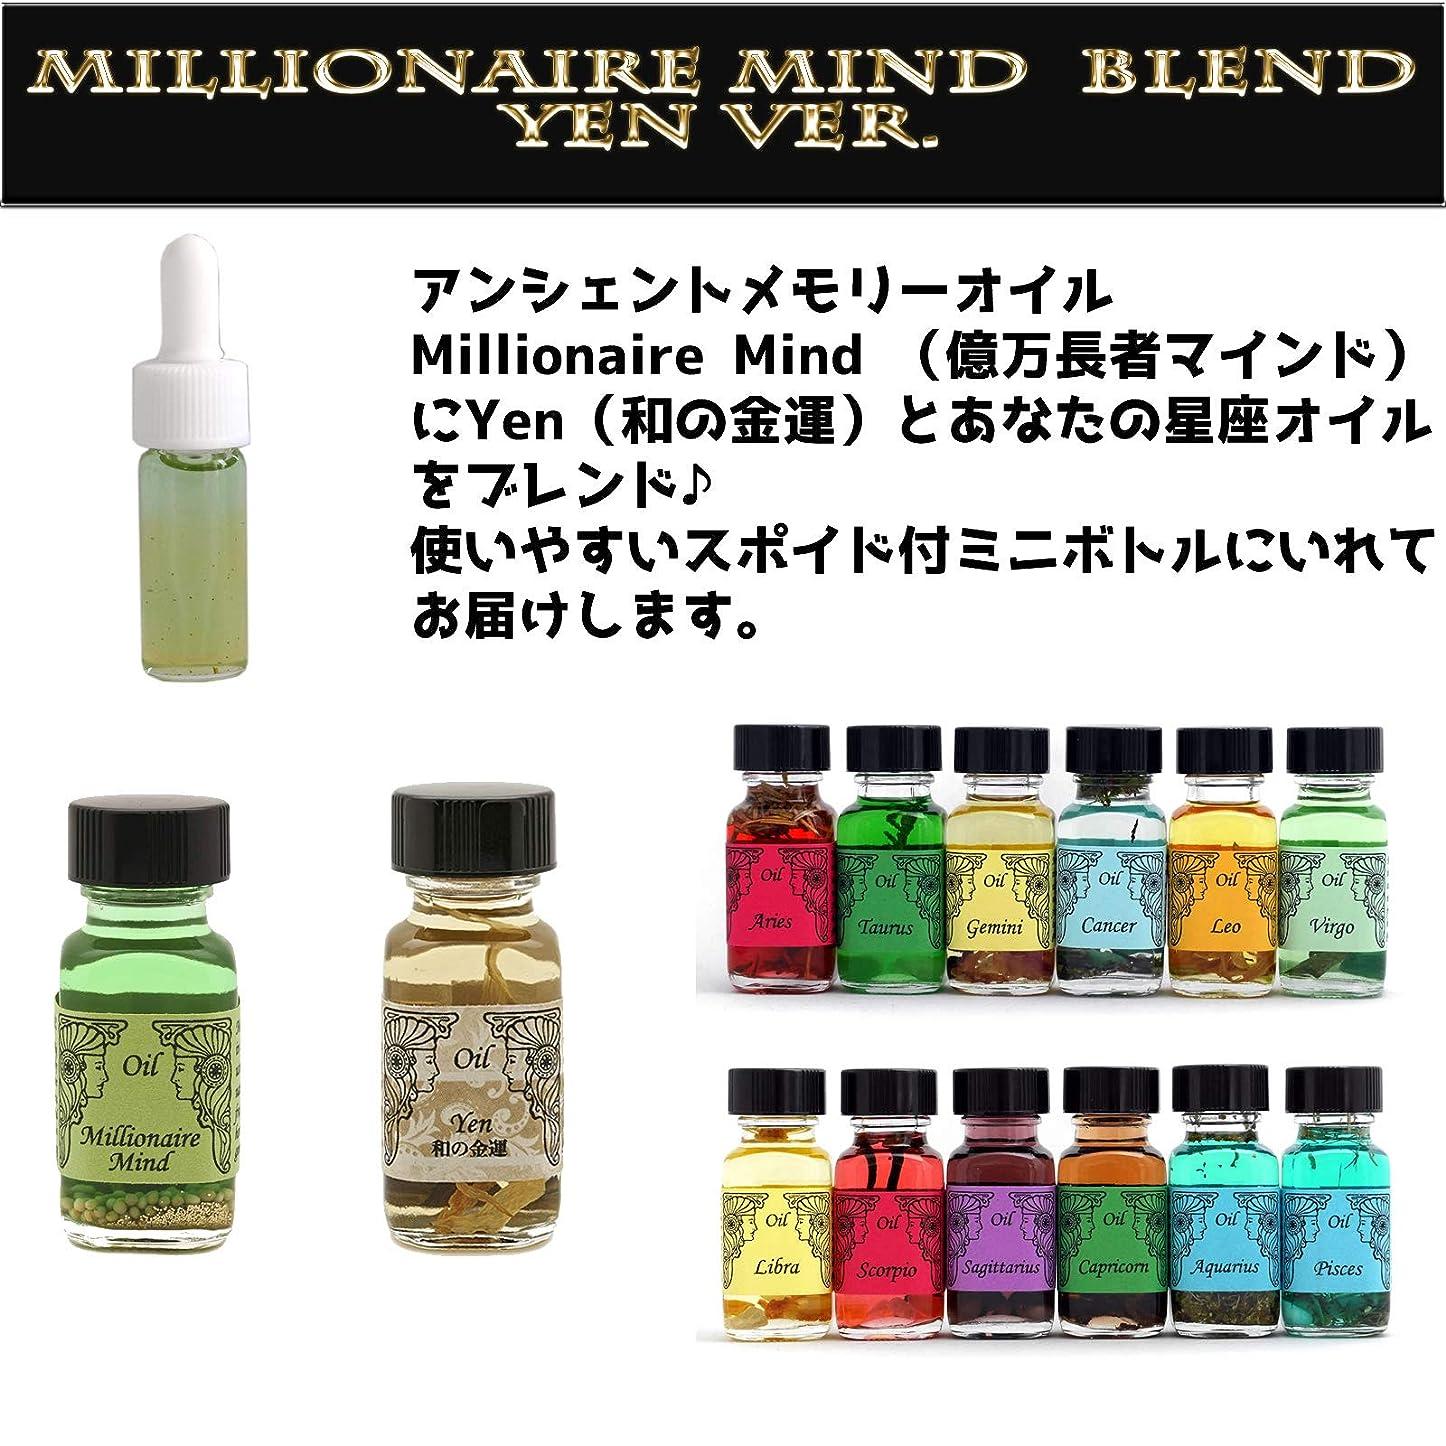 寝室魅了する逆説アンシェントメモリーオイル Millionaire Mind 億万長者マインド ブレンド【Yen 和の金運&やぎ座】